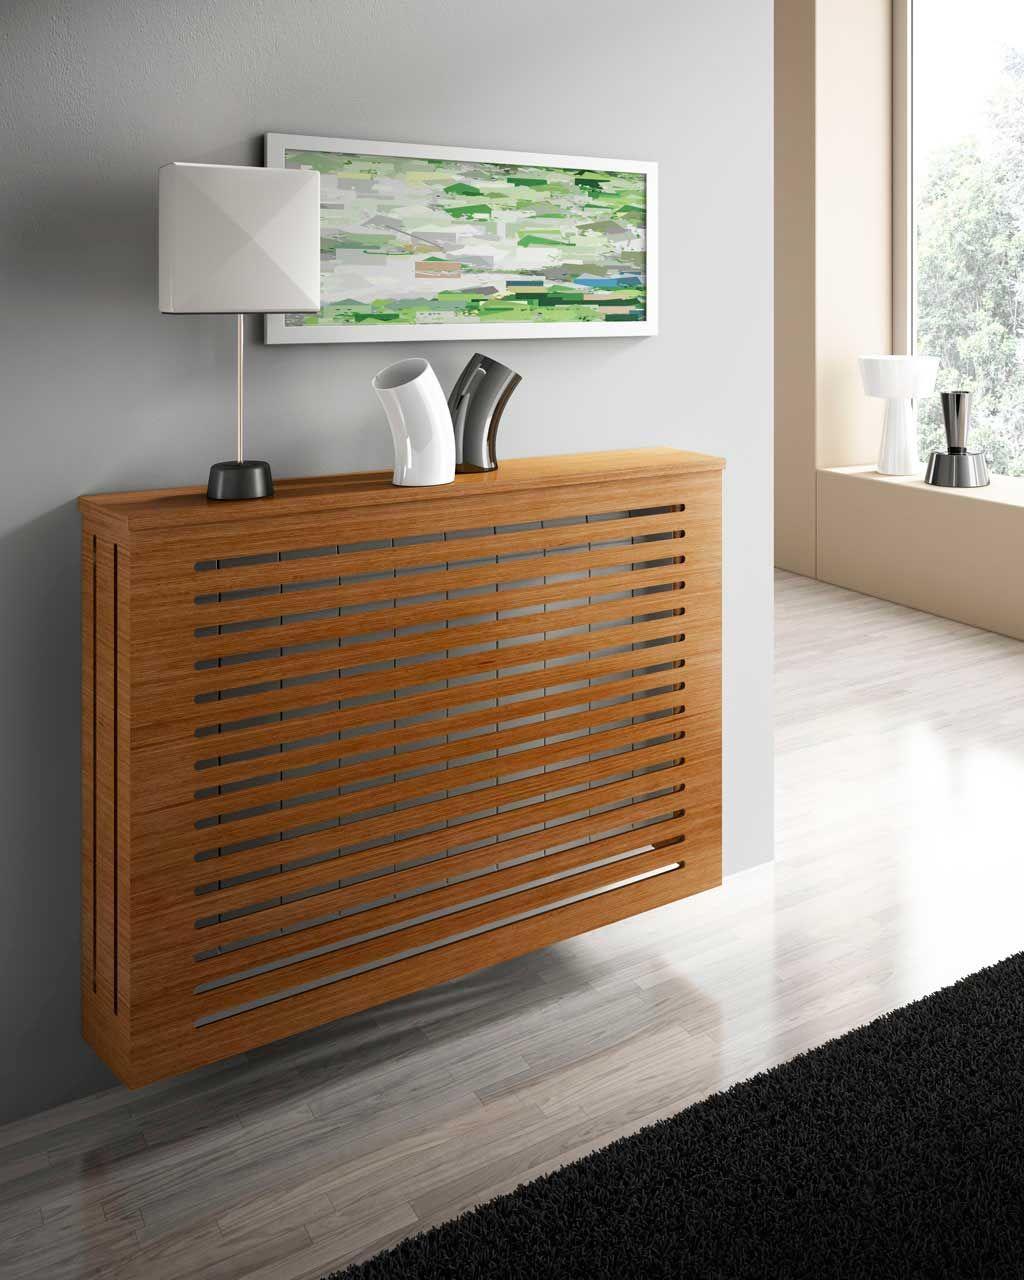 Mueble cubreradiador de dise o acabado blanco y madera - Cubreradiadores clasicos ...